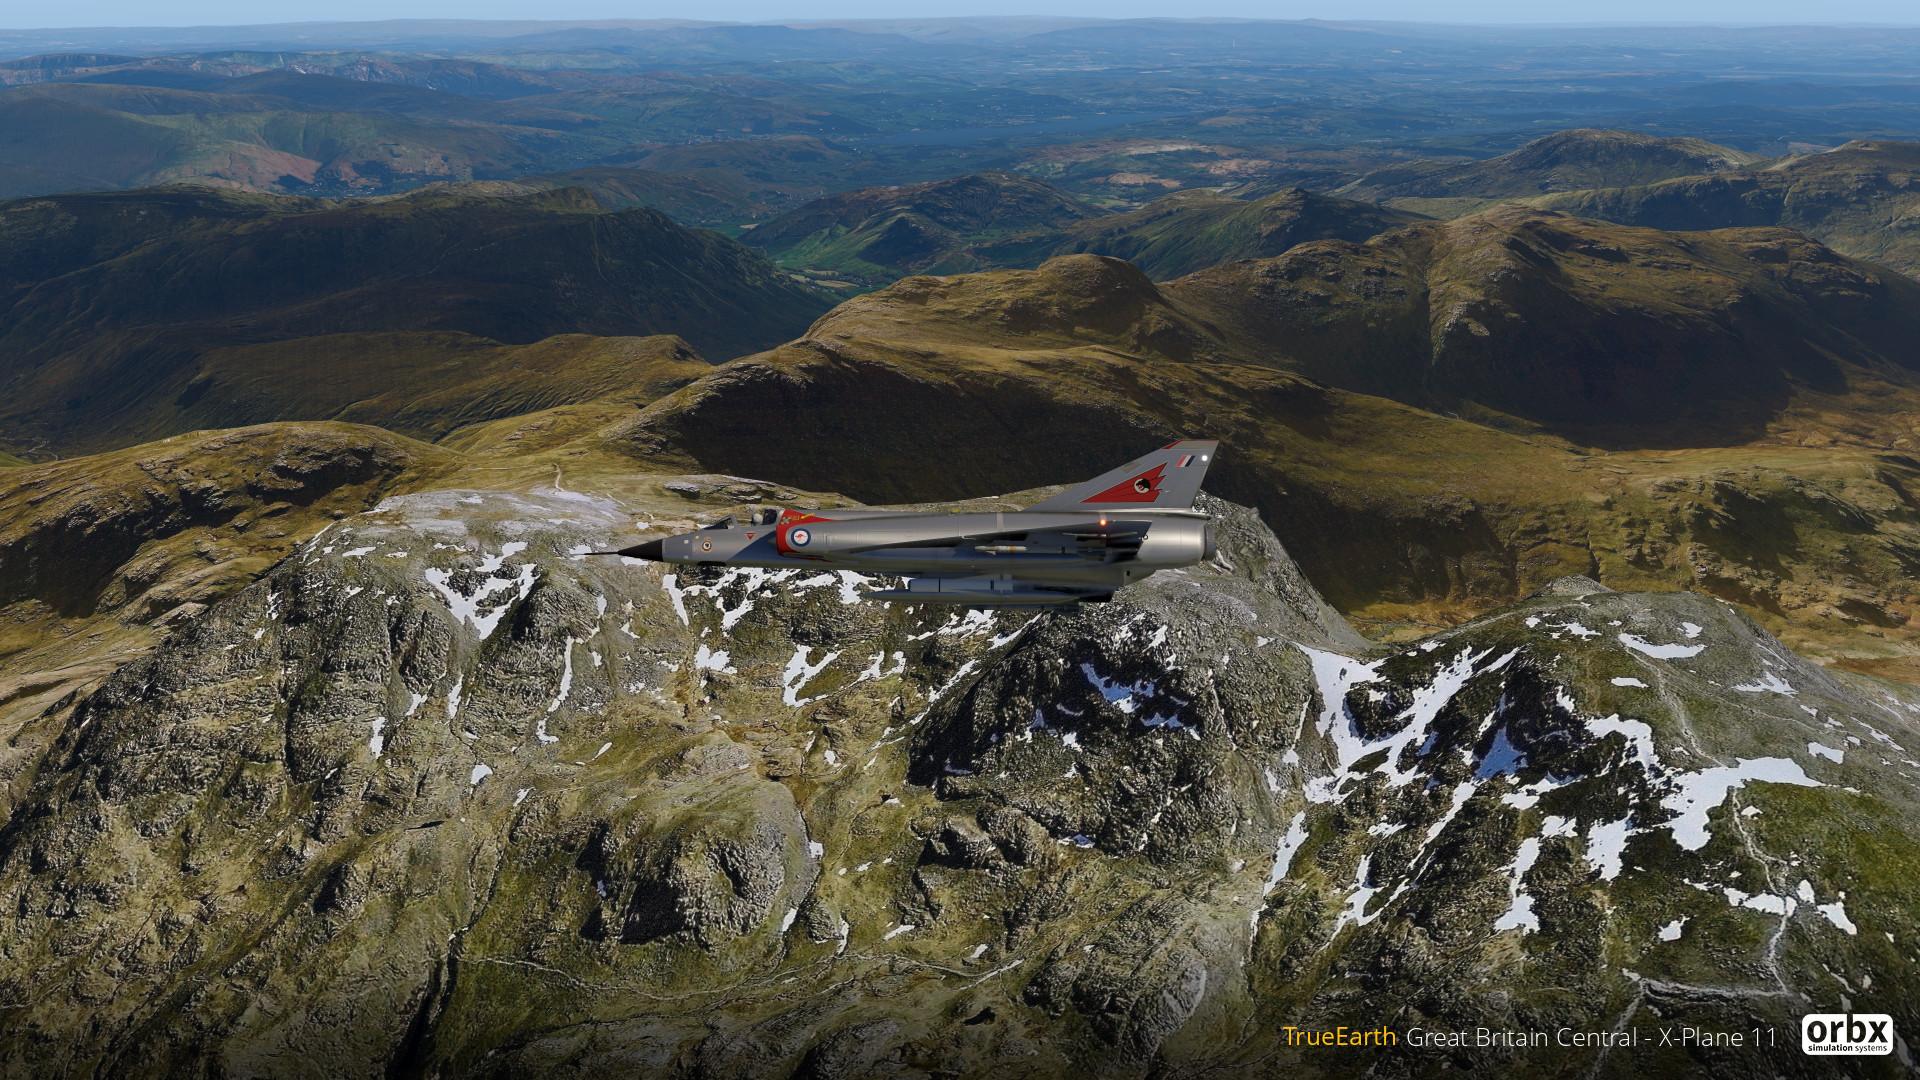 TrueEarth Great Britain Central - X-Plane 11